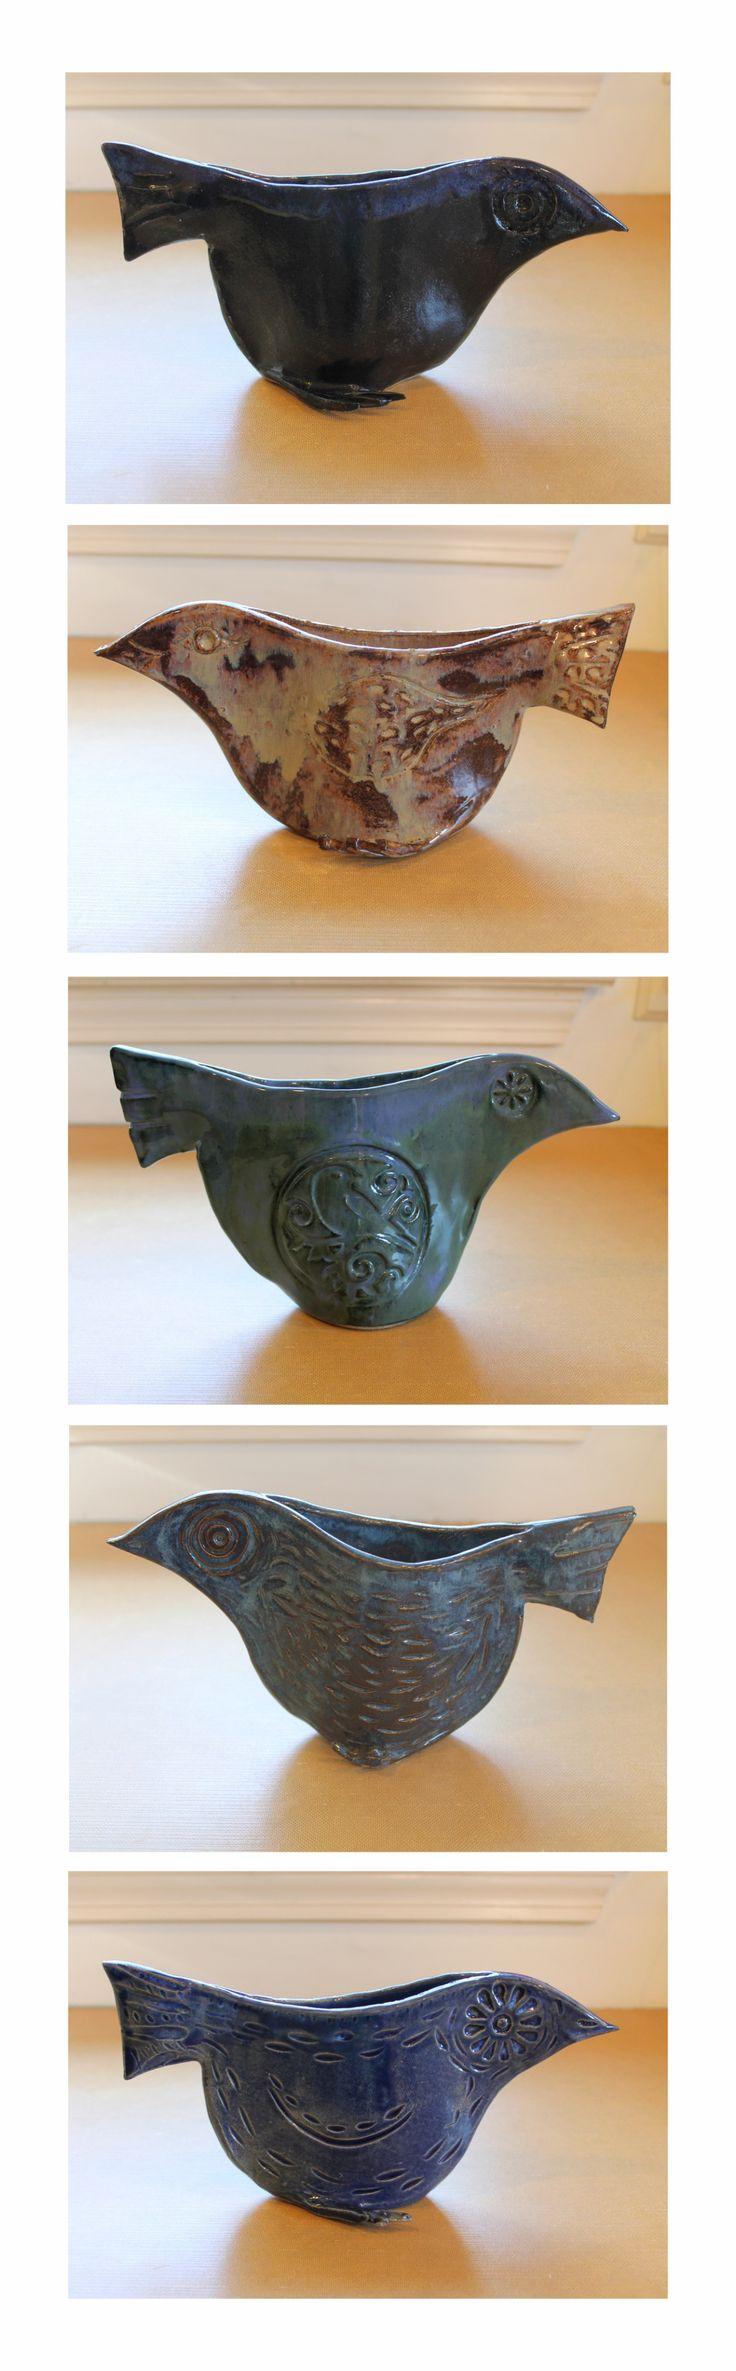 69 best Eierbecher - Schachtel images on Pinterest | Pottery ideas ...